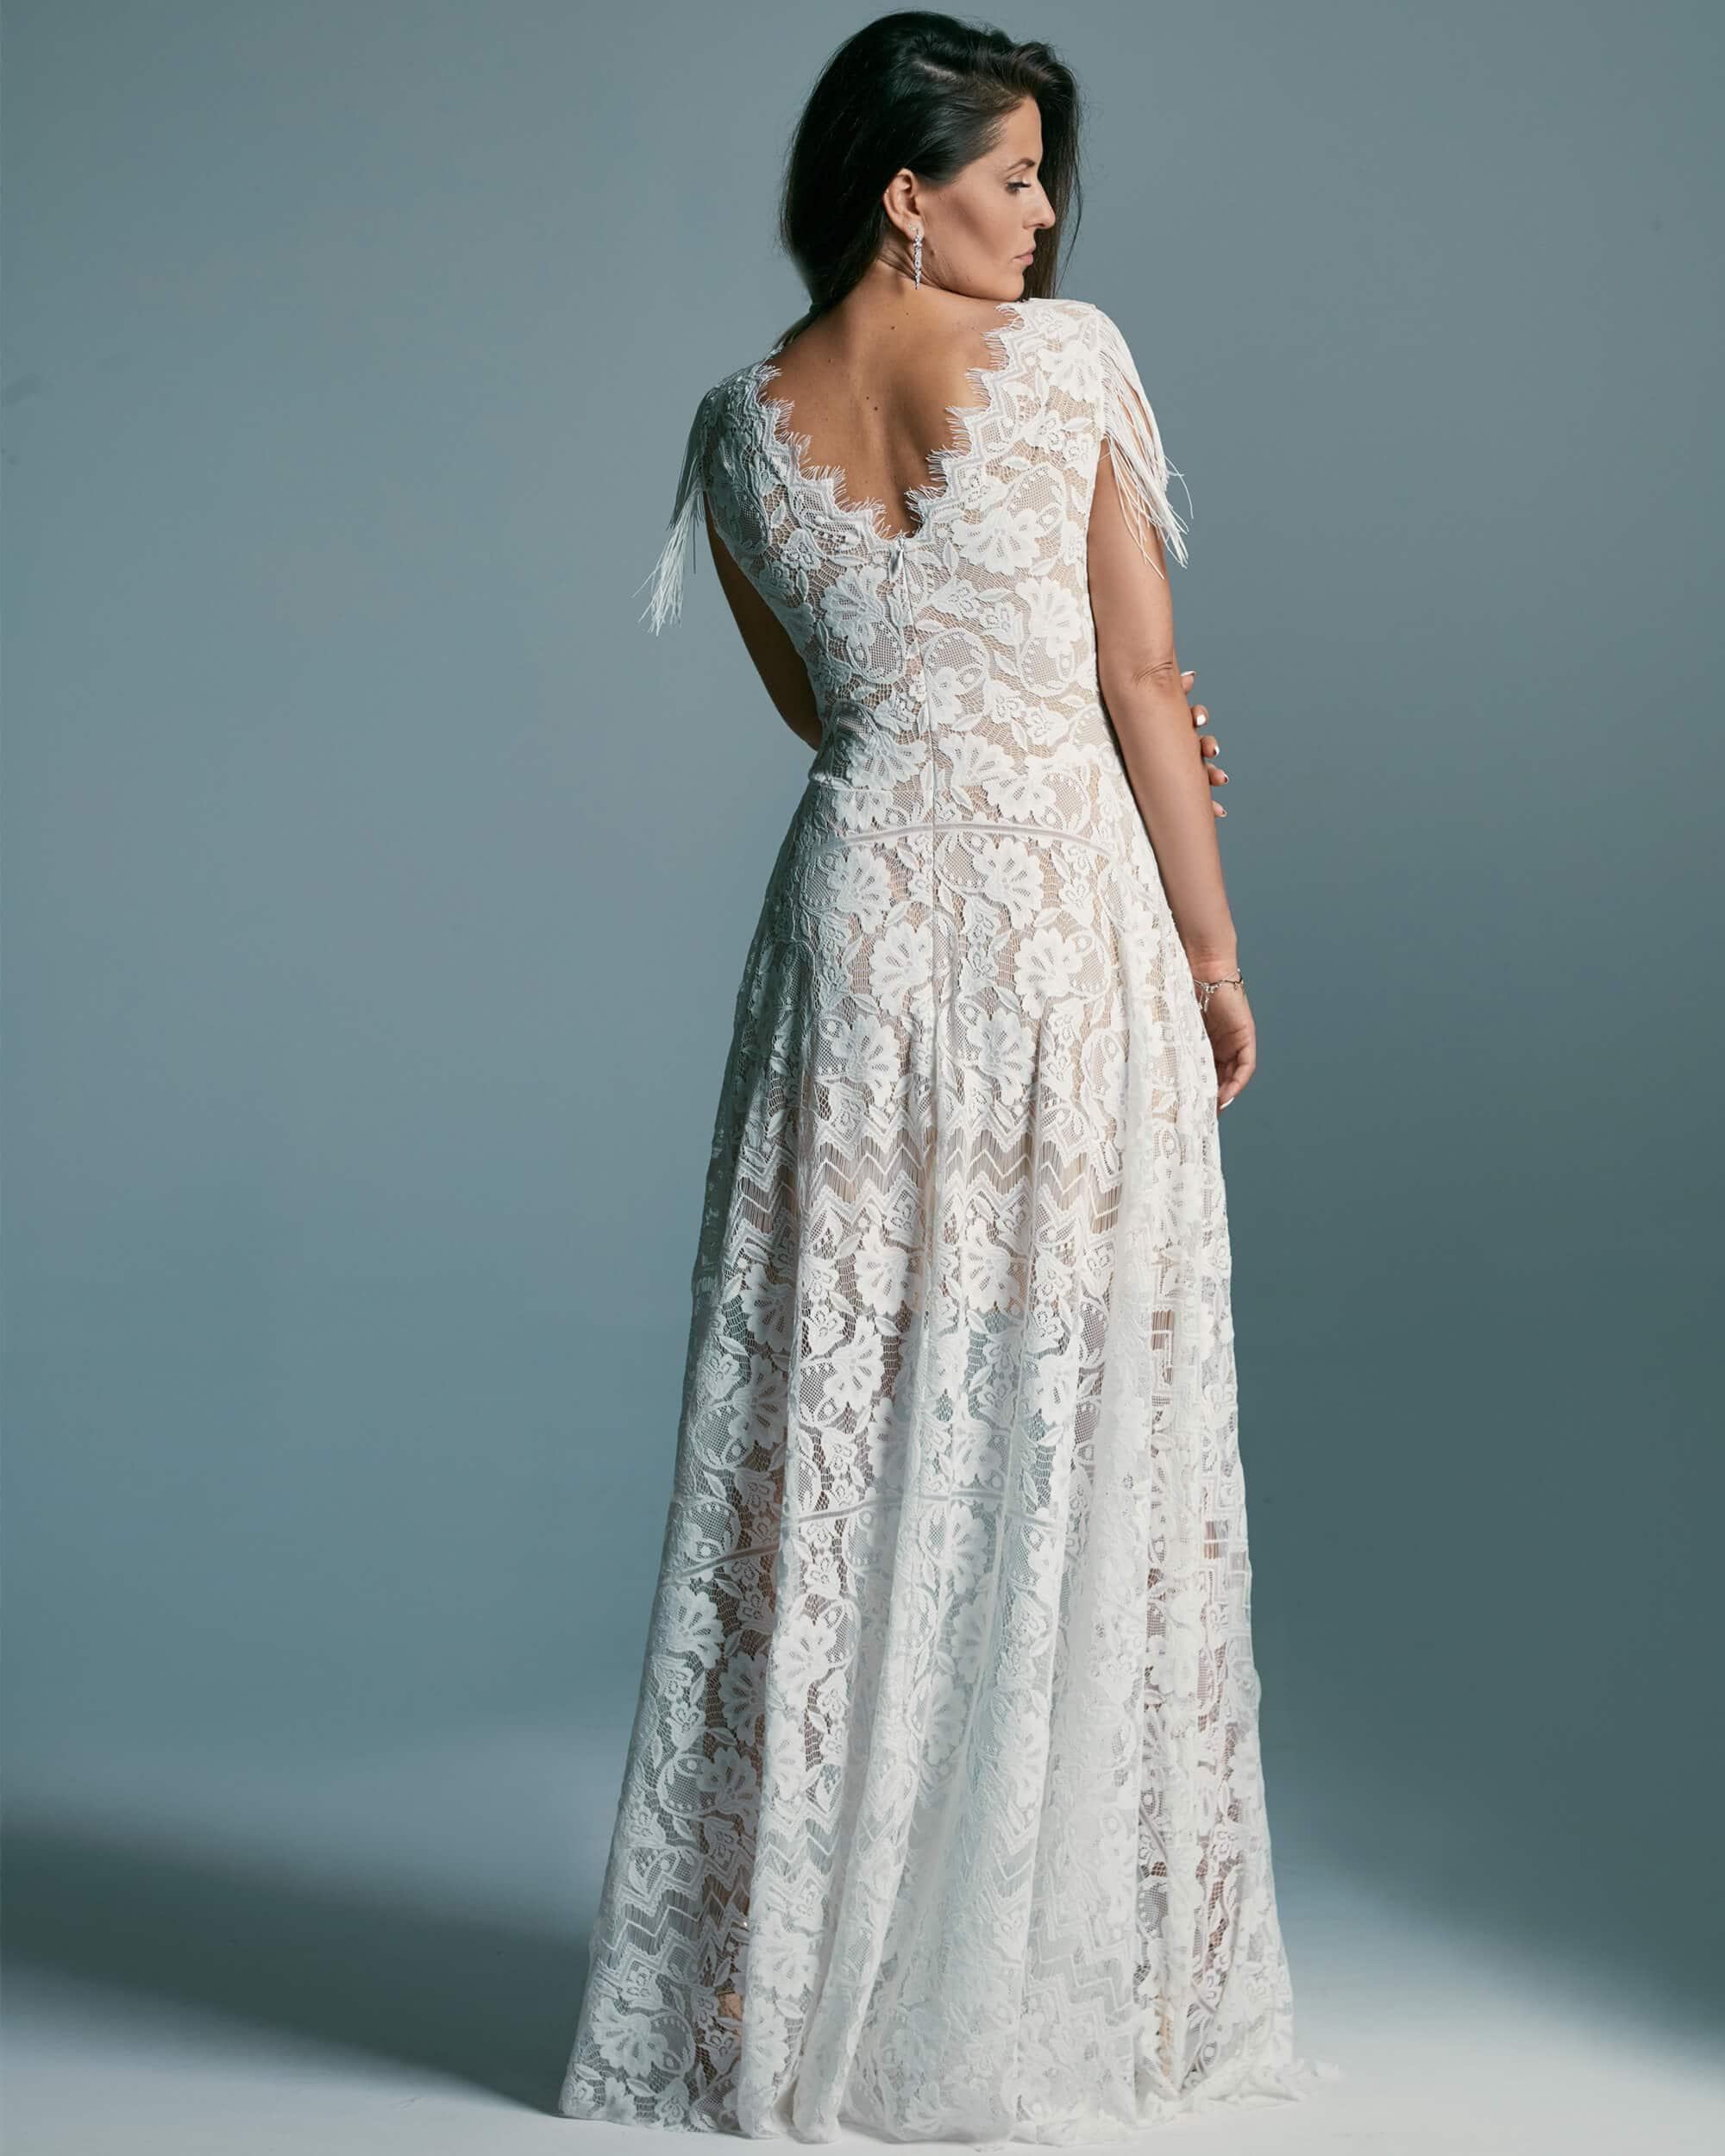 Piękna i nieoczywista suknia ślubna z zabudowanym dekoltem. - Porto 53